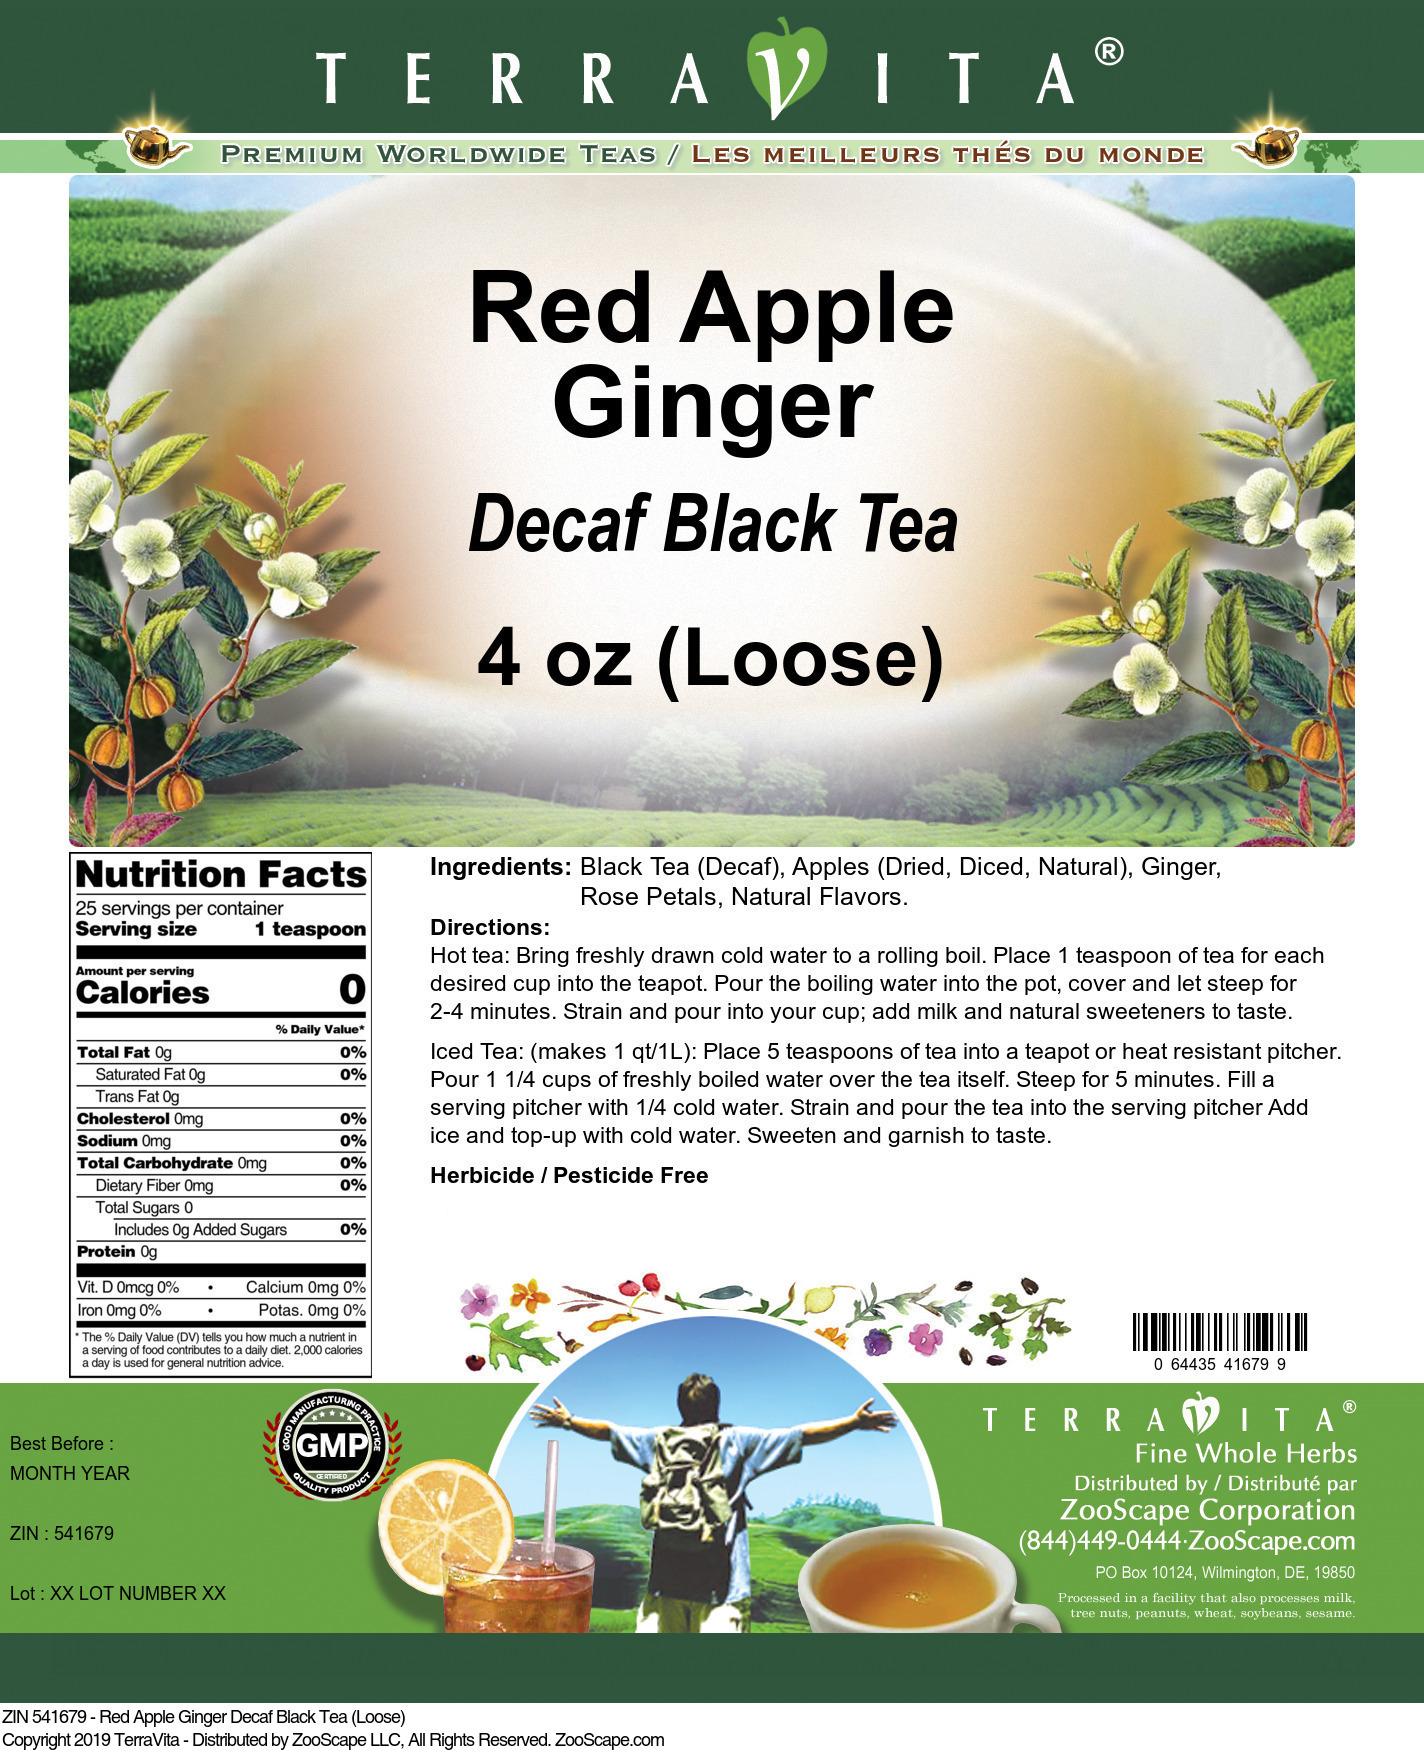 Red Apple Ginger Decaf Black Tea